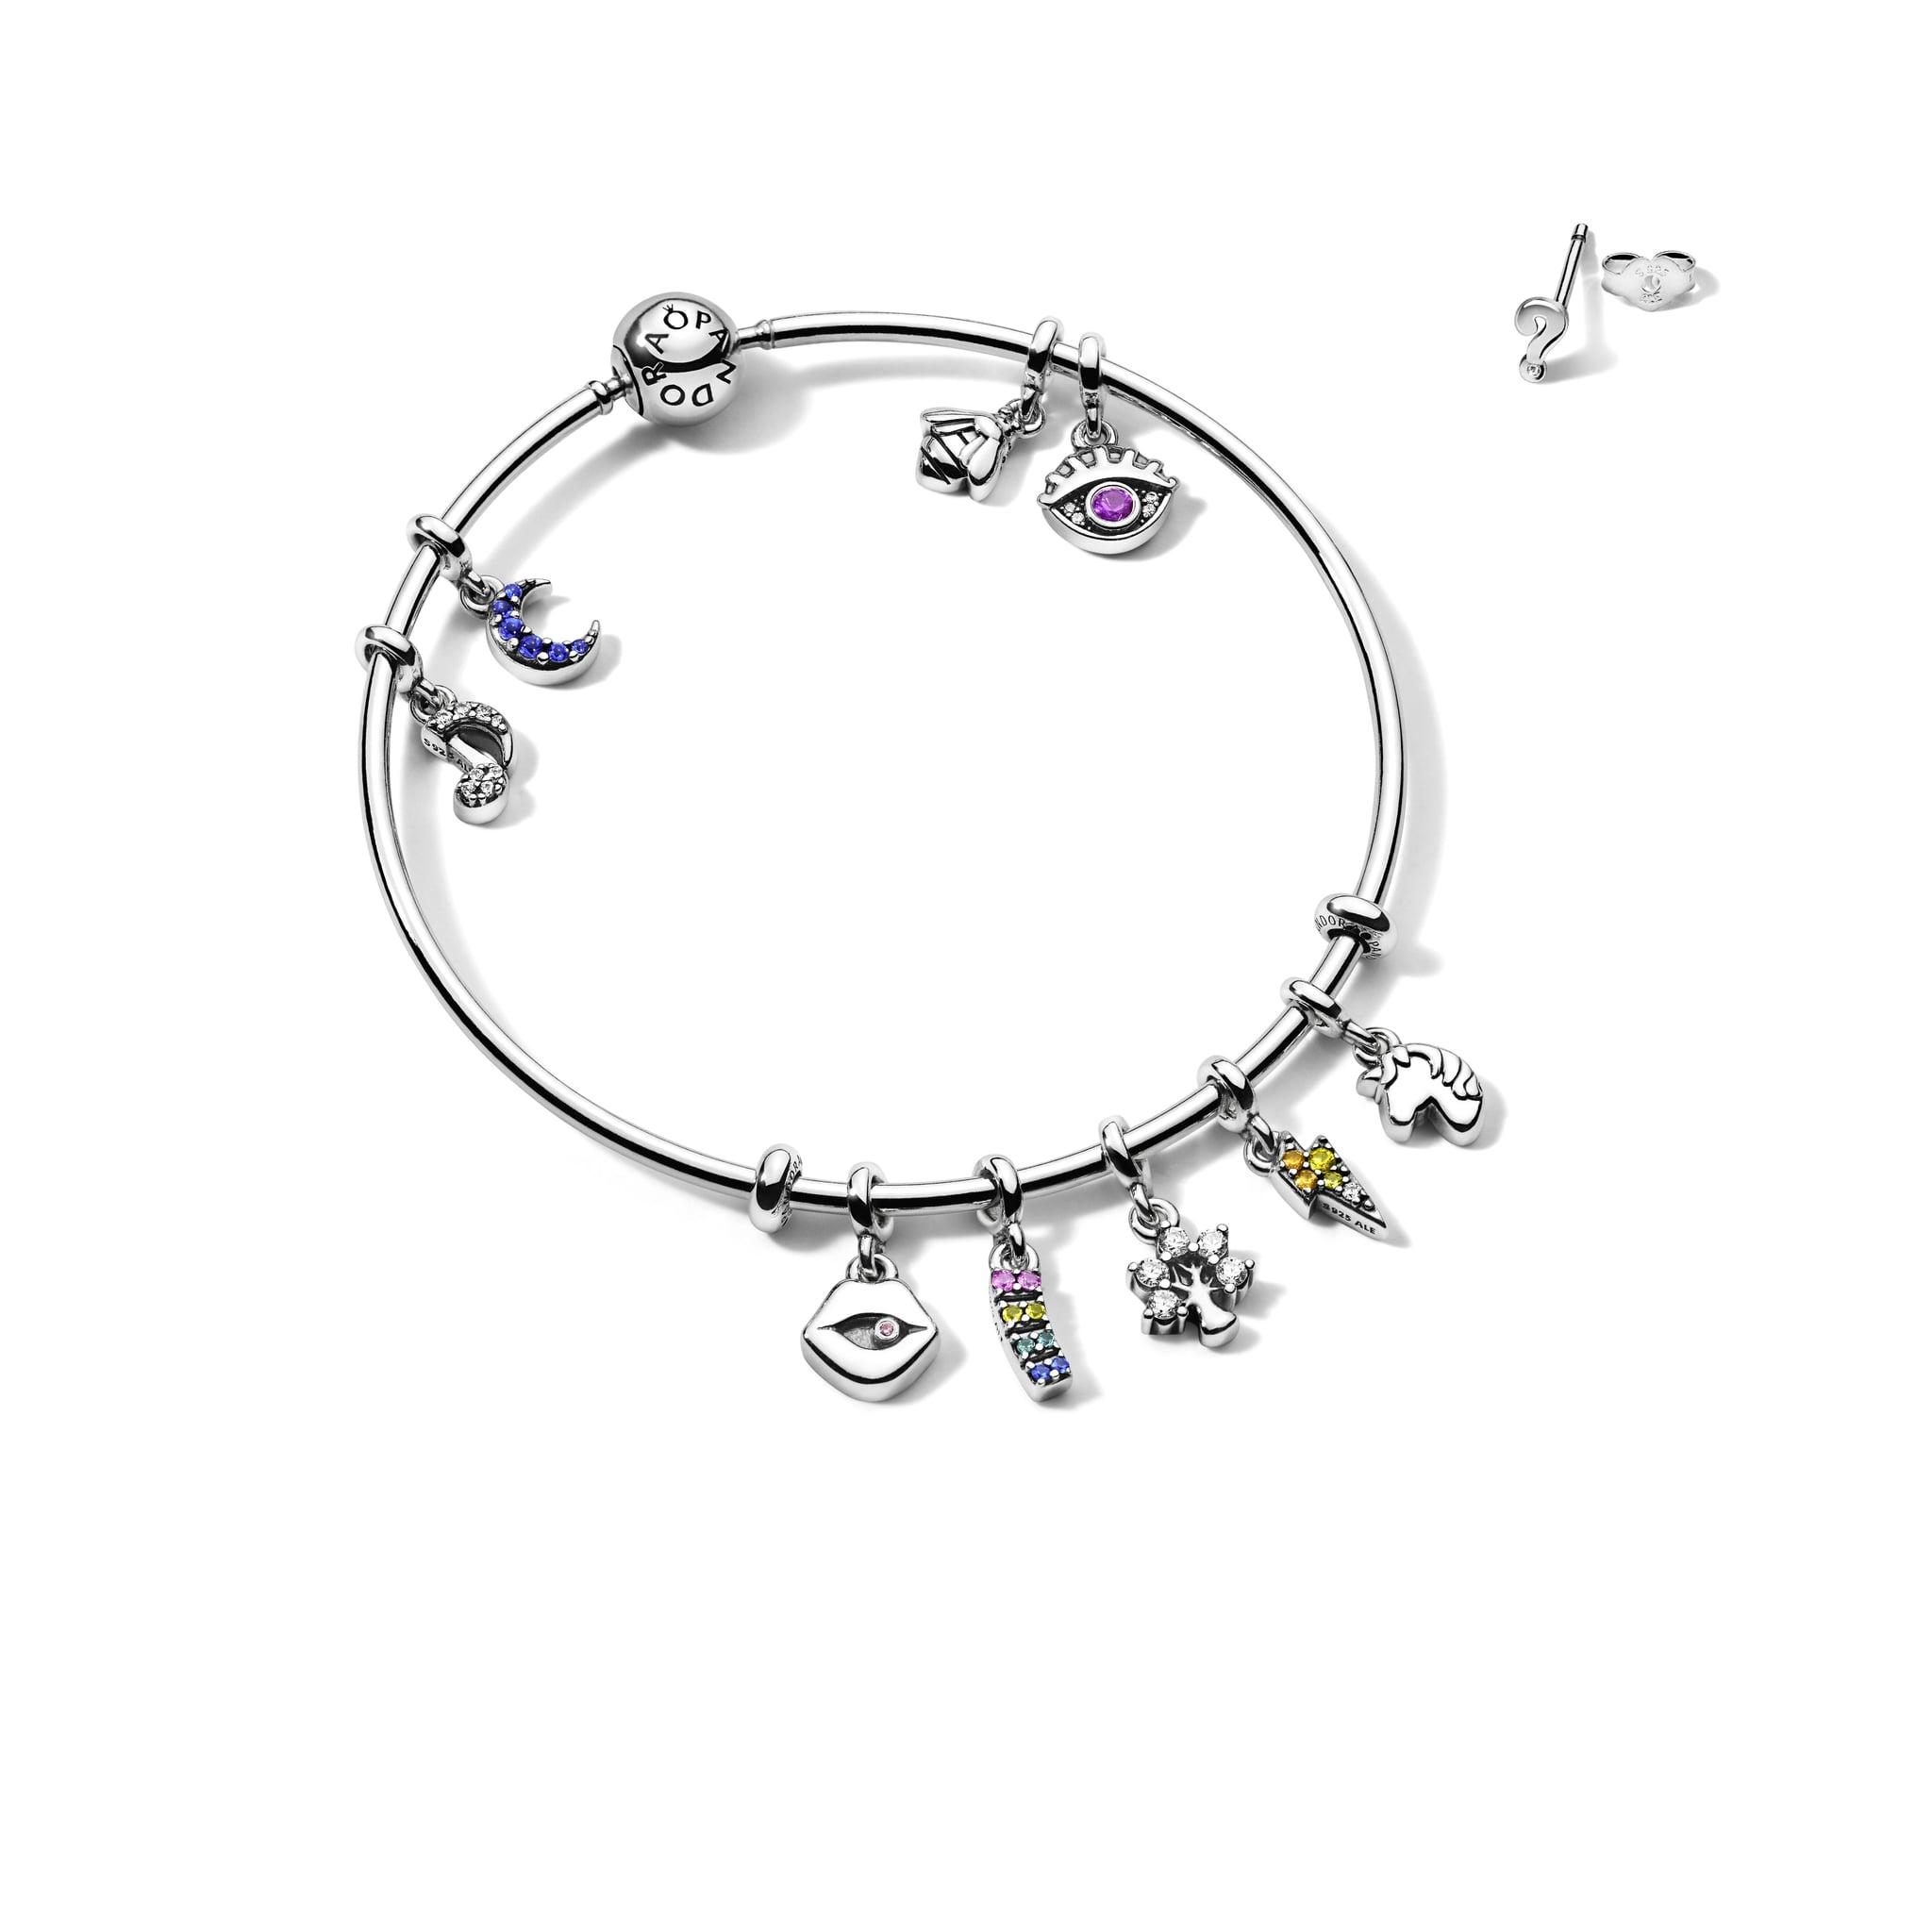 Pandora Me Jewelry Collection | Millie Bobby Brown's Pandora ...